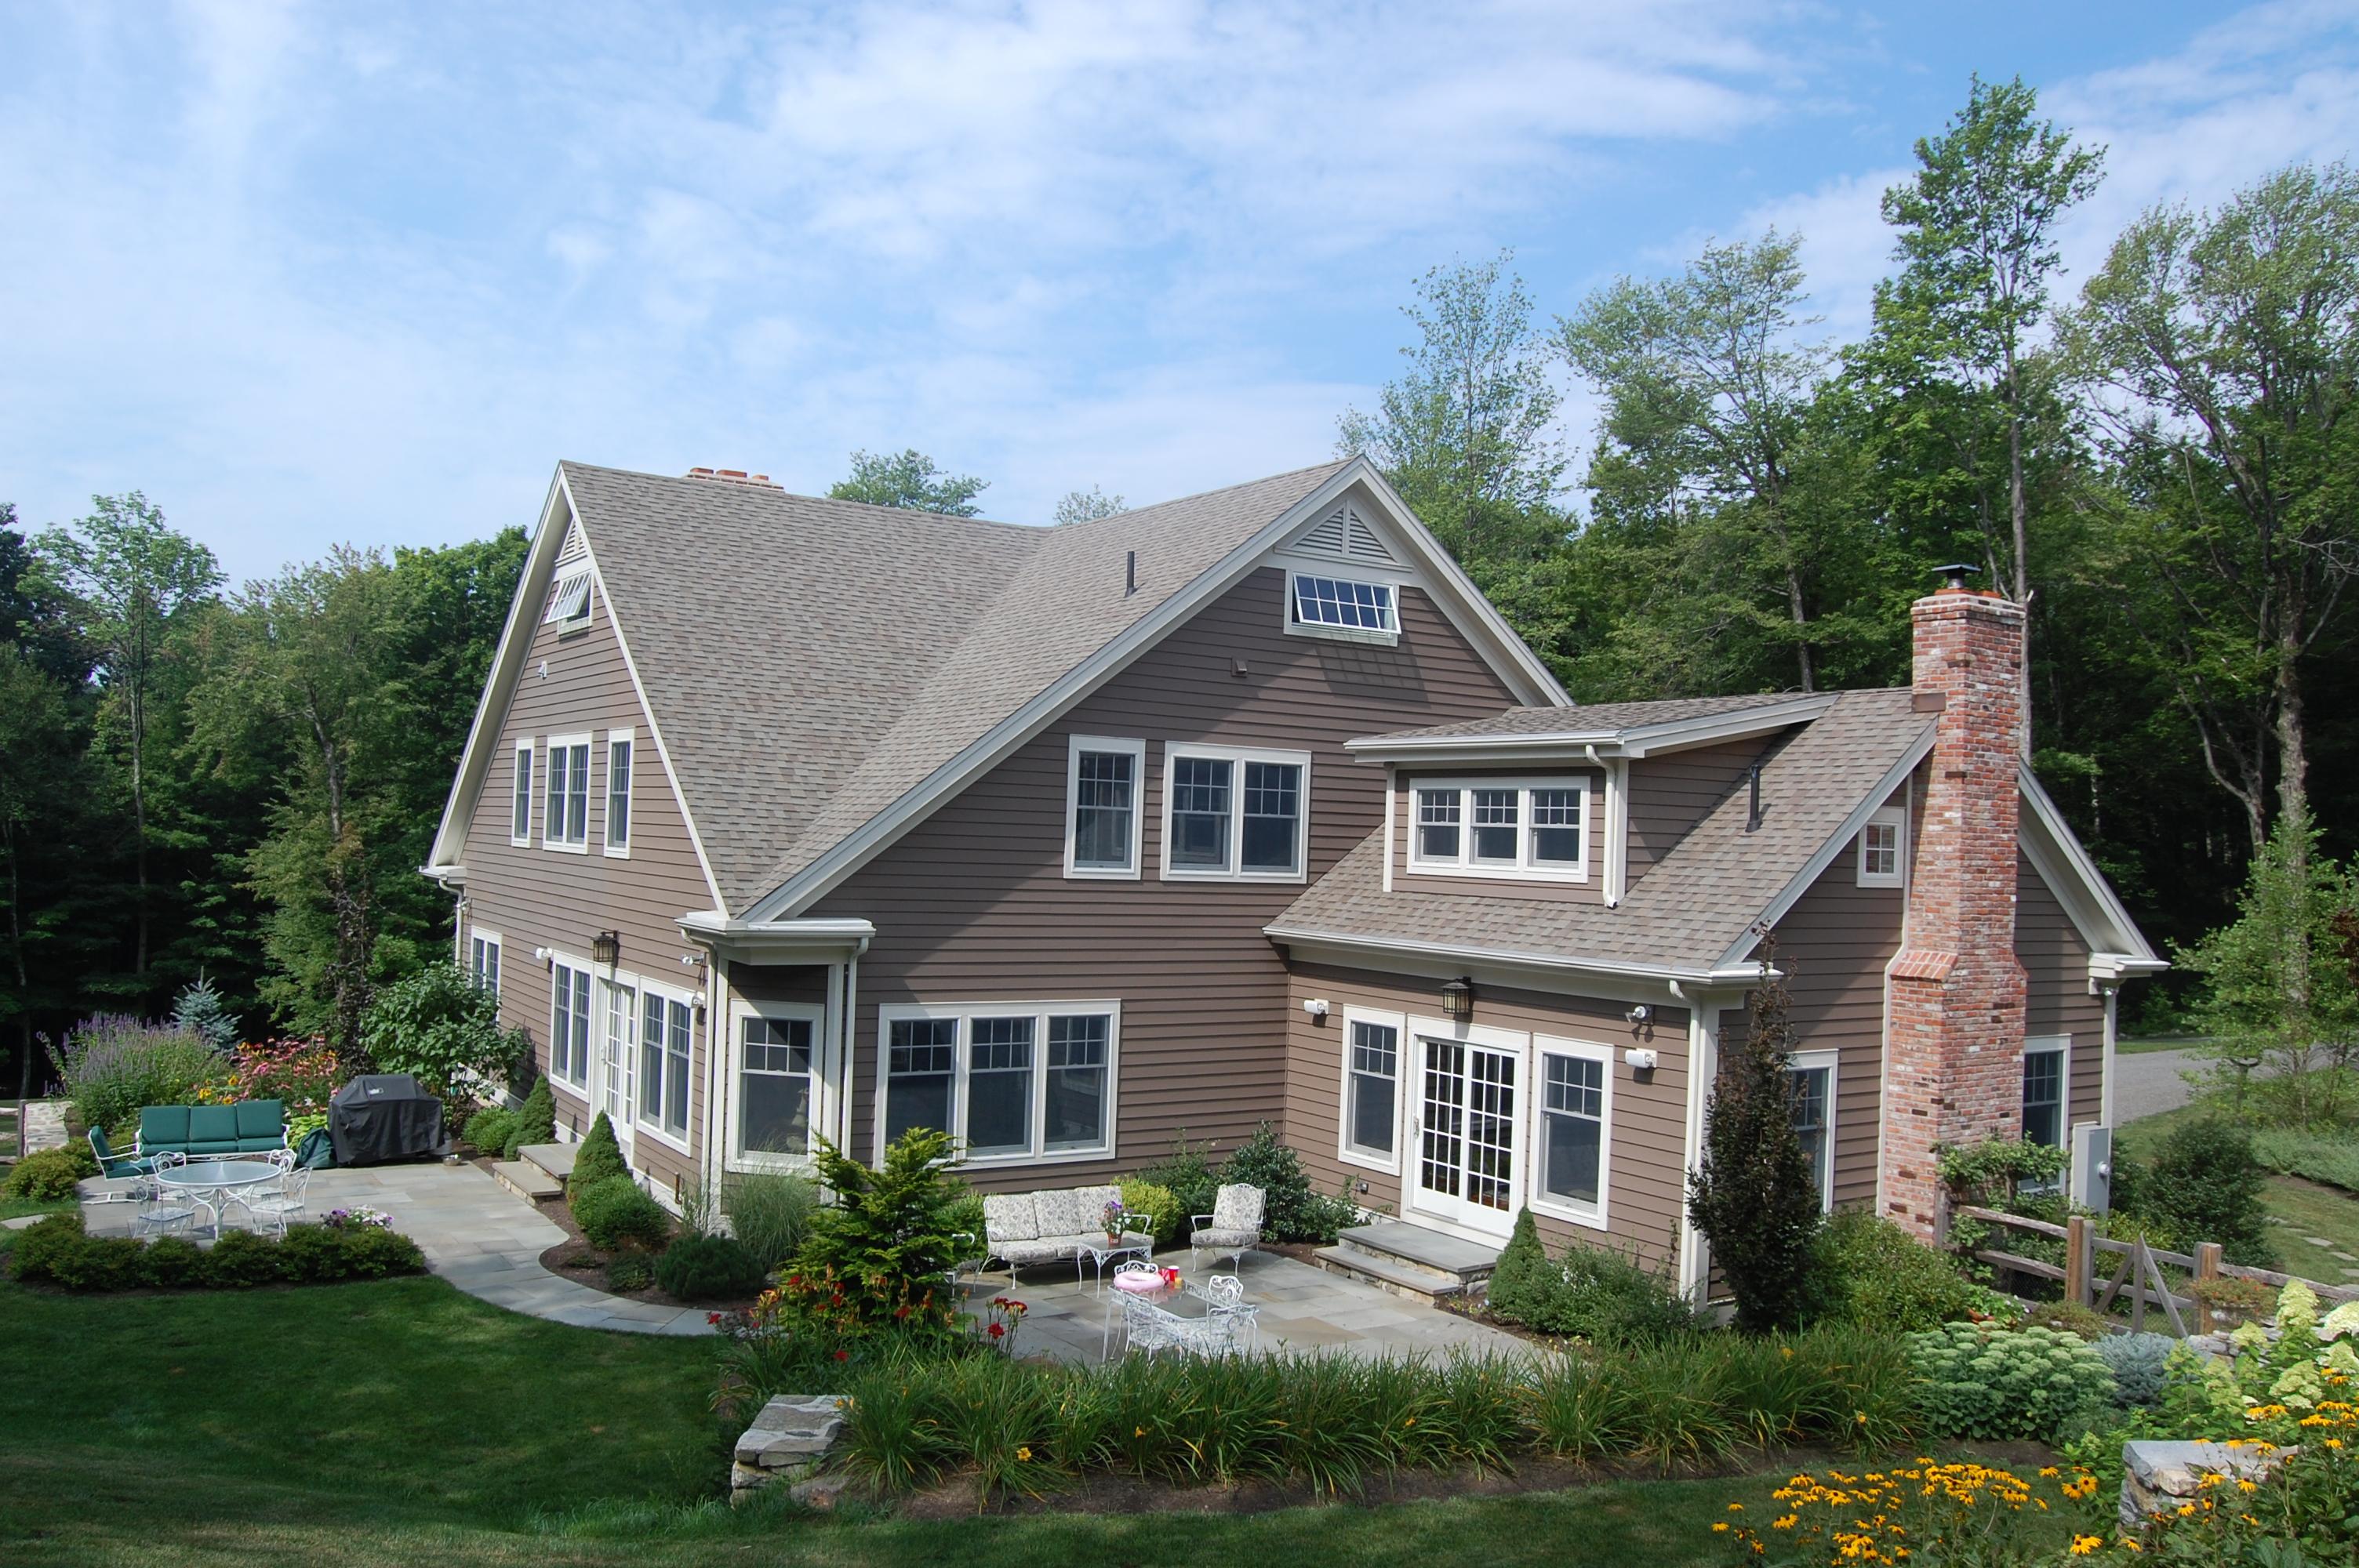 一戸建て のために 売買 アット Spacious Egremont Contemporary 28 Ox Bow Rd Egremont, マサチューセッツ, 01258 アメリカ合衆国